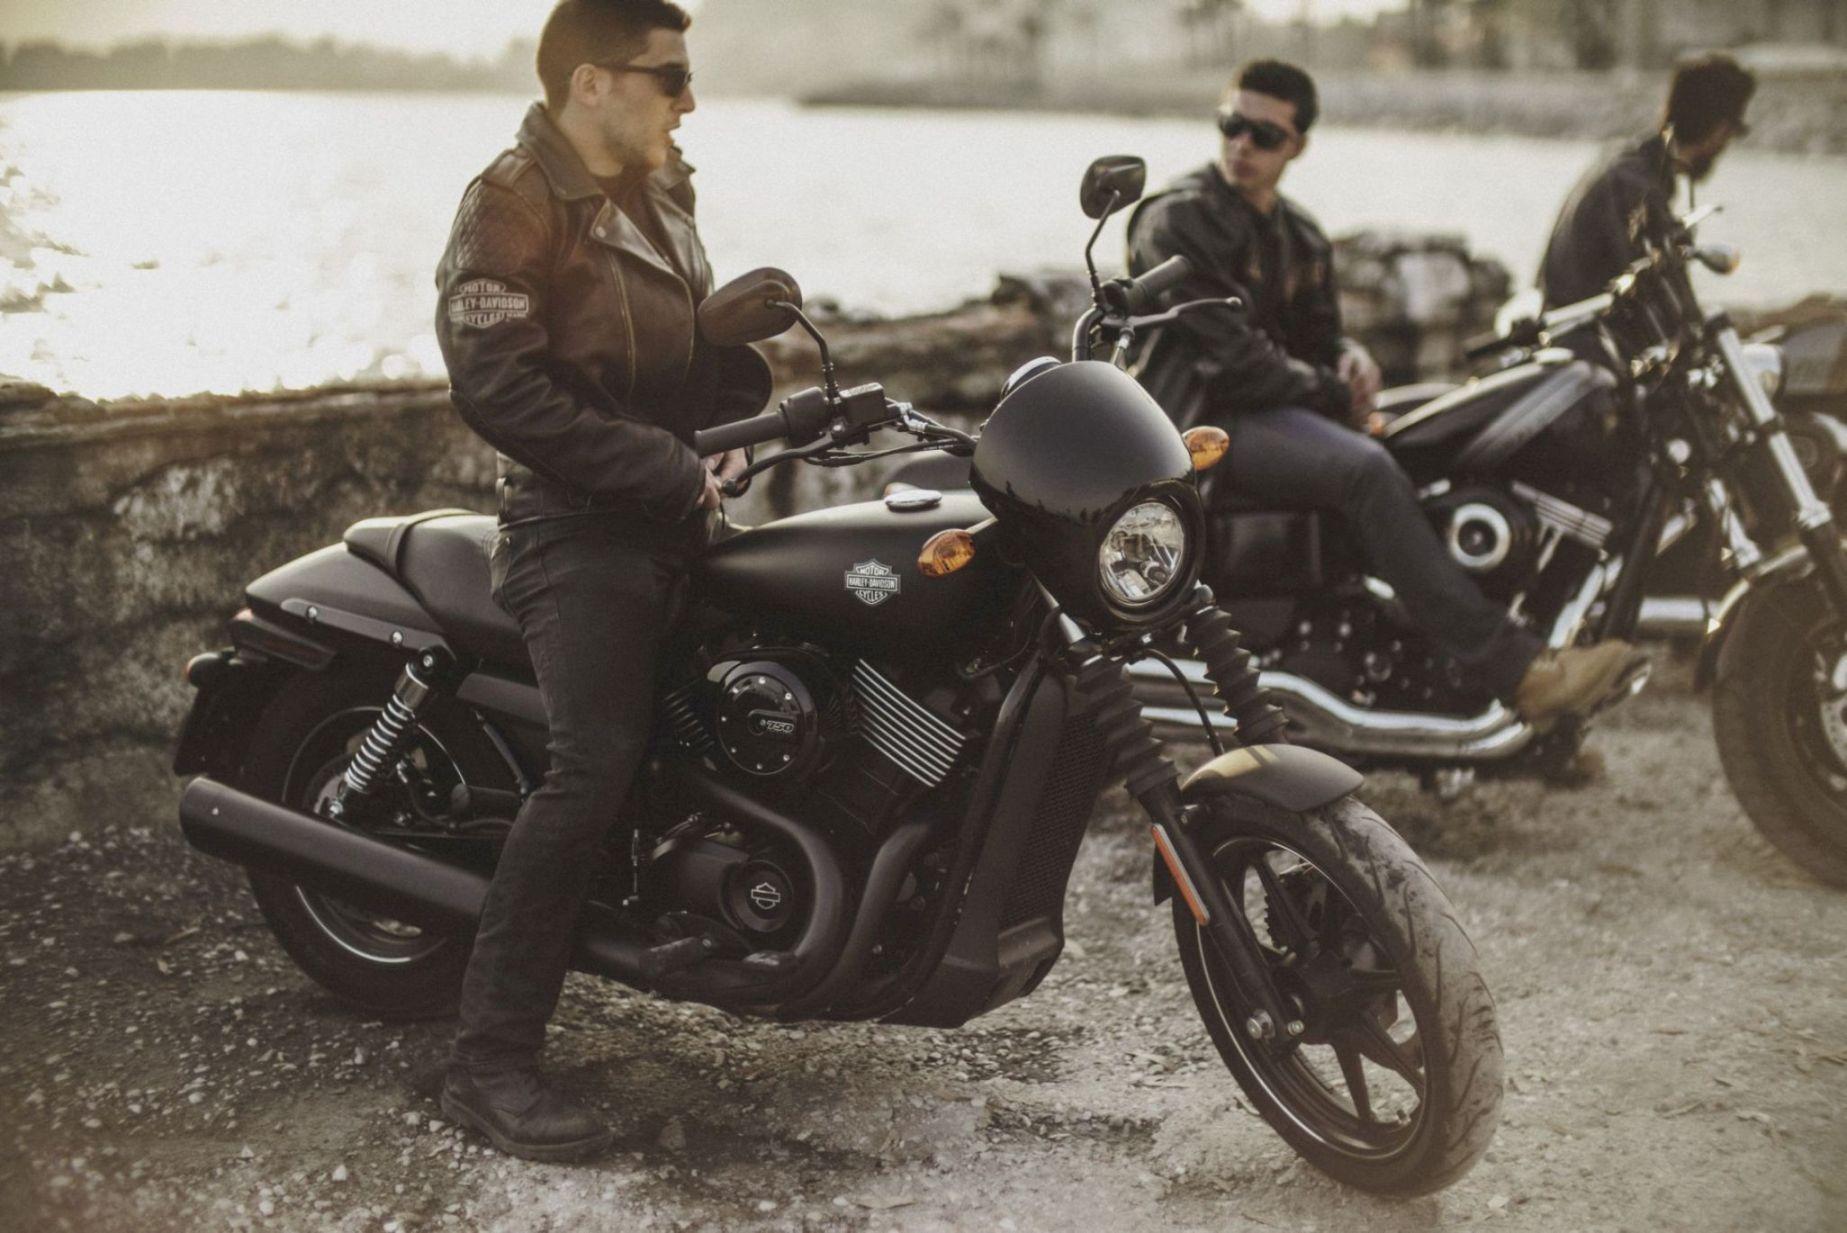 Οι νέες Harley-Davidson πατούν το γκάζι